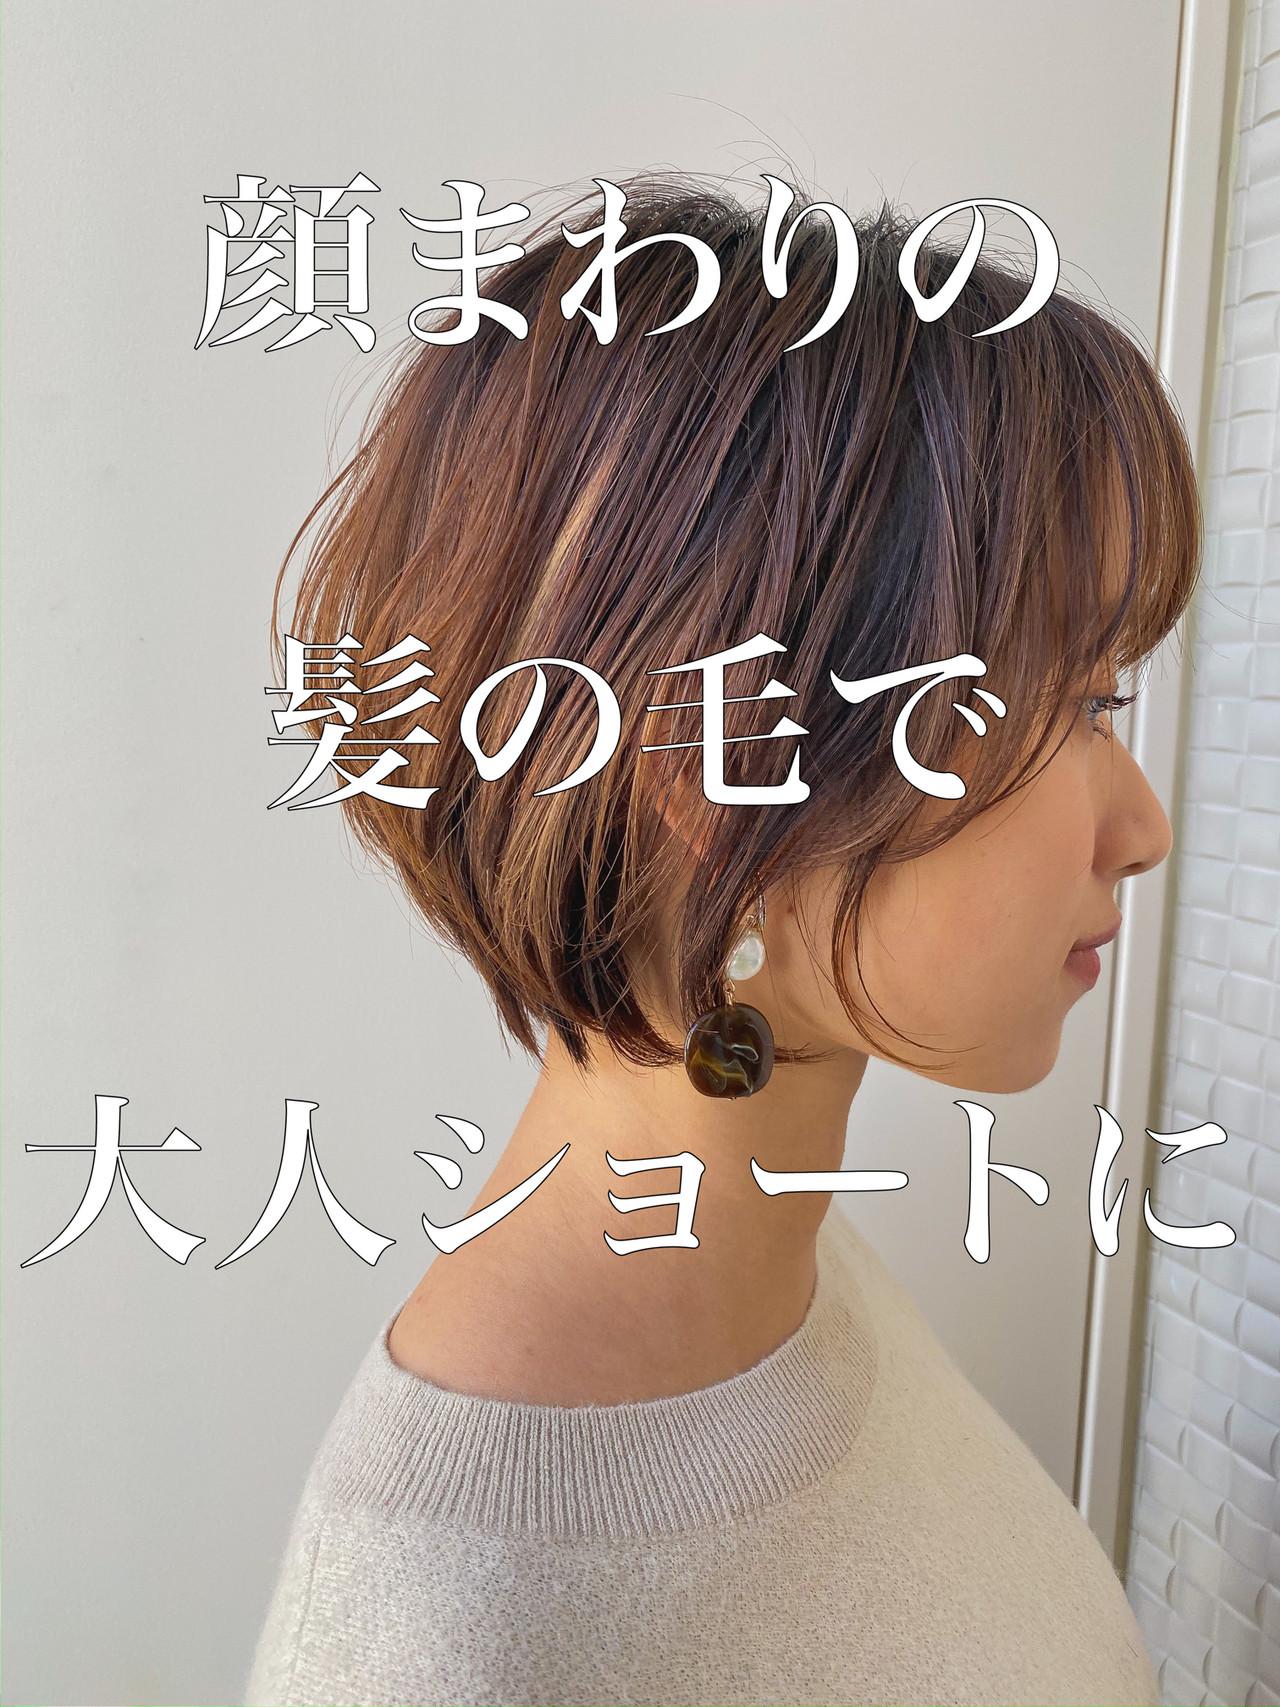 ショートボブ ナチュラル ミニボブ 切りっぱなしボブ ヘアスタイルや髪型の写真・画像 | [新宿]内田航 柔らかストレートとミディアムボブ / joemi by unami